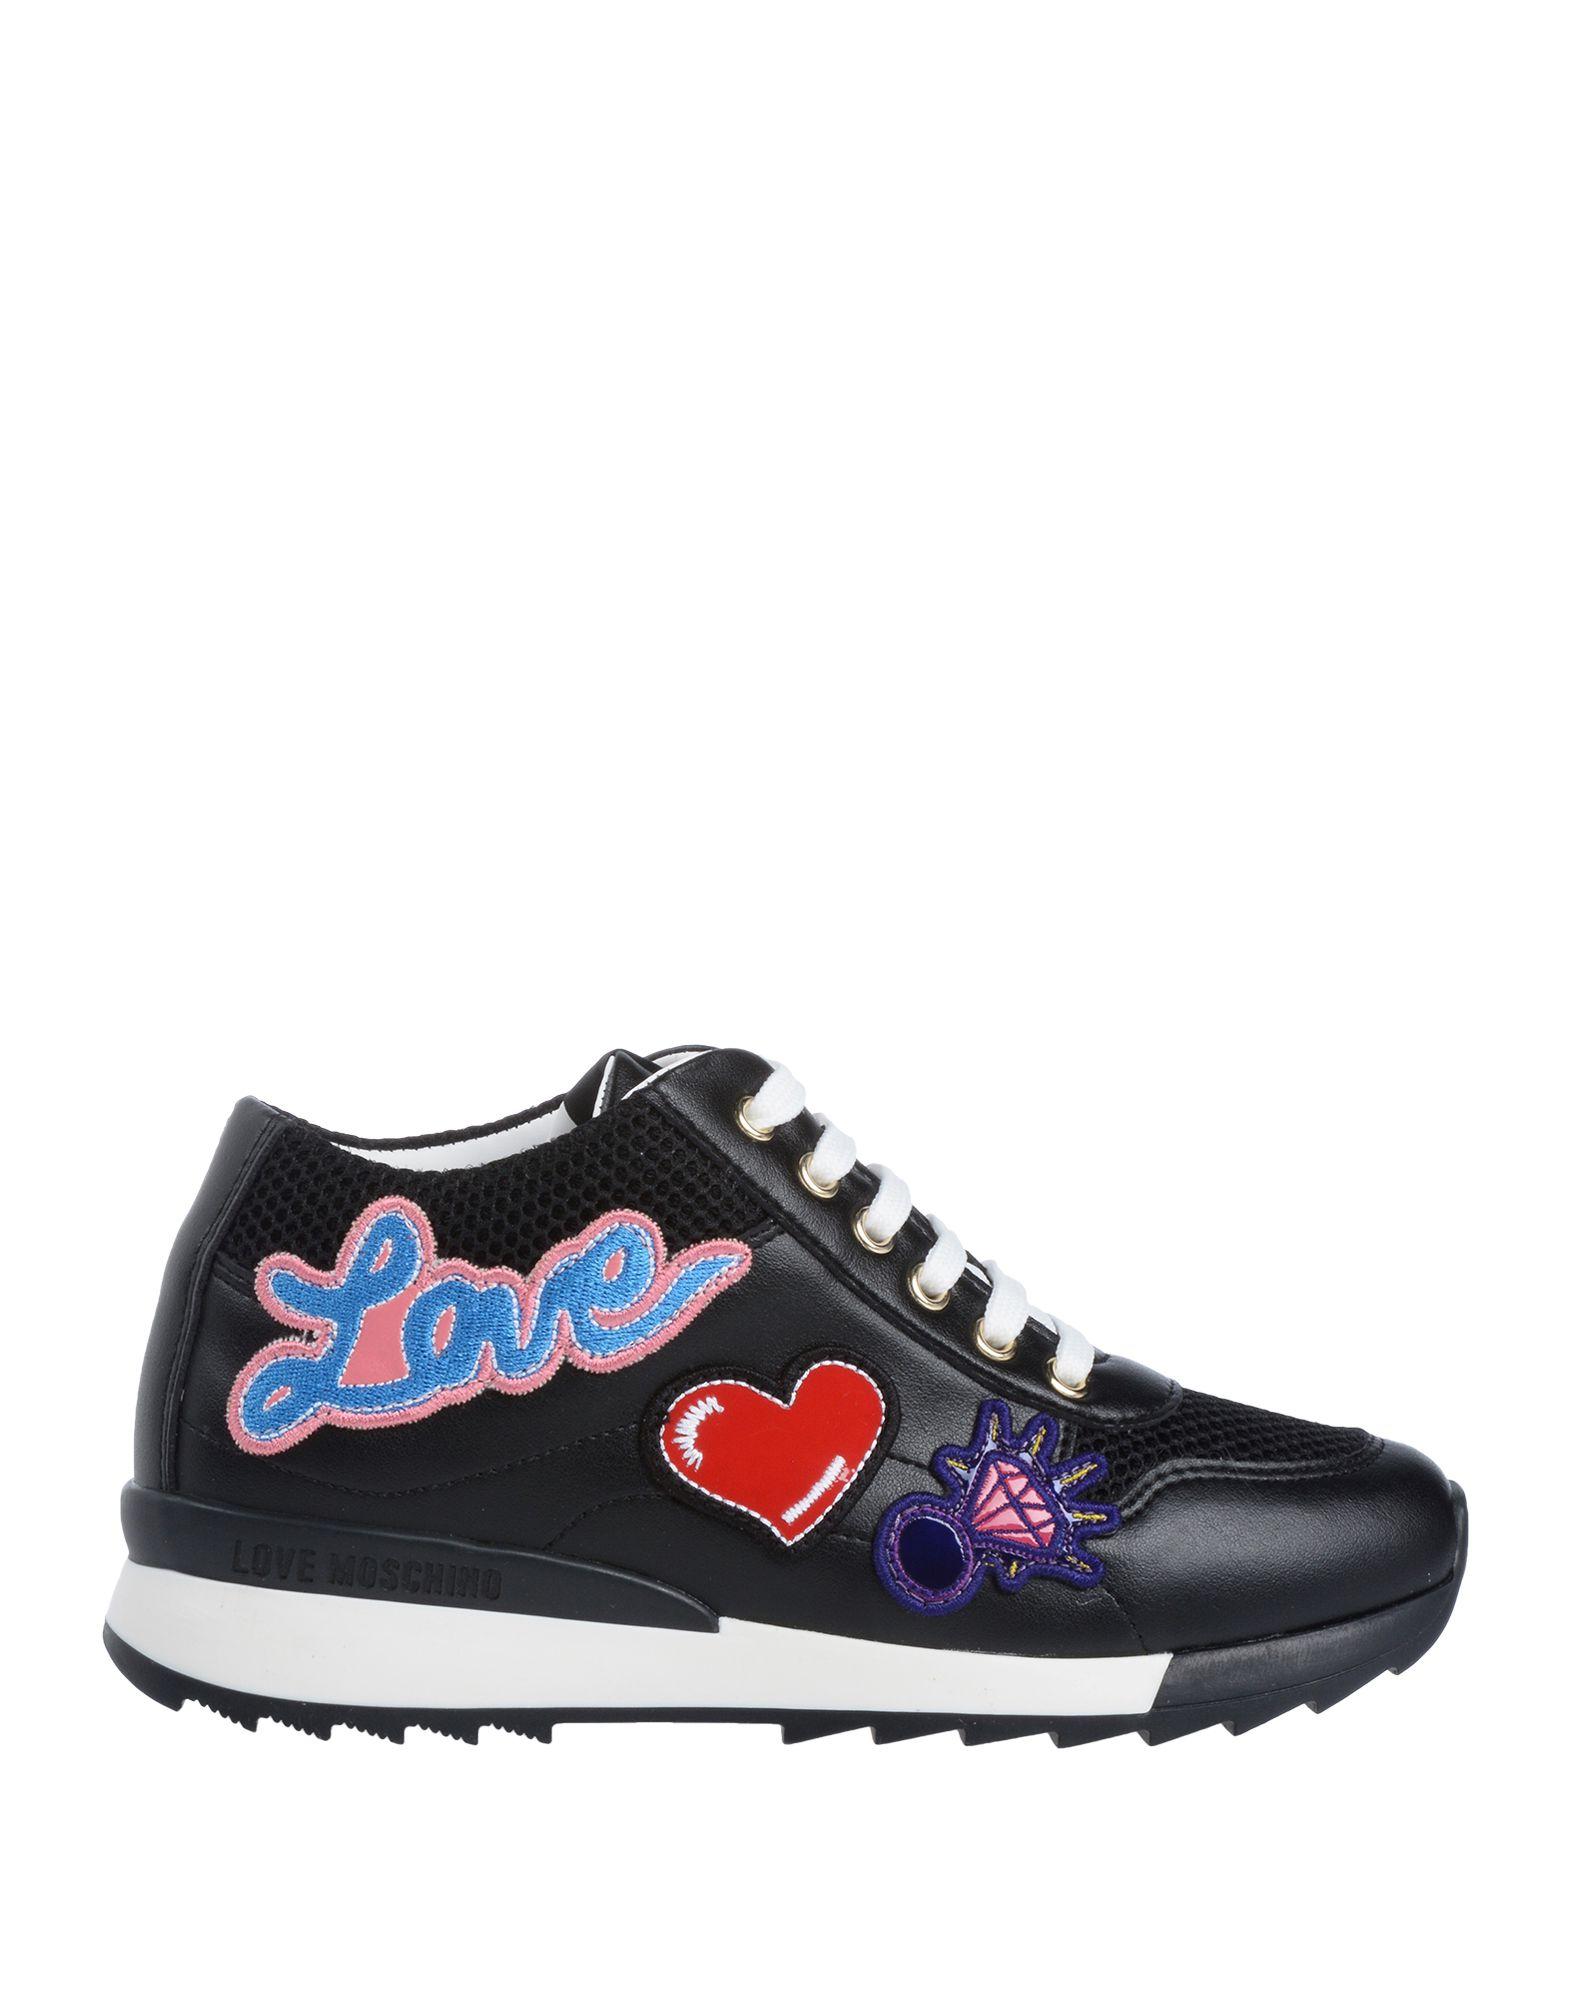 Фото - LOVE MOSCHINO Низкие кеды и кроссовки love moschino низкие кеды и кроссовки